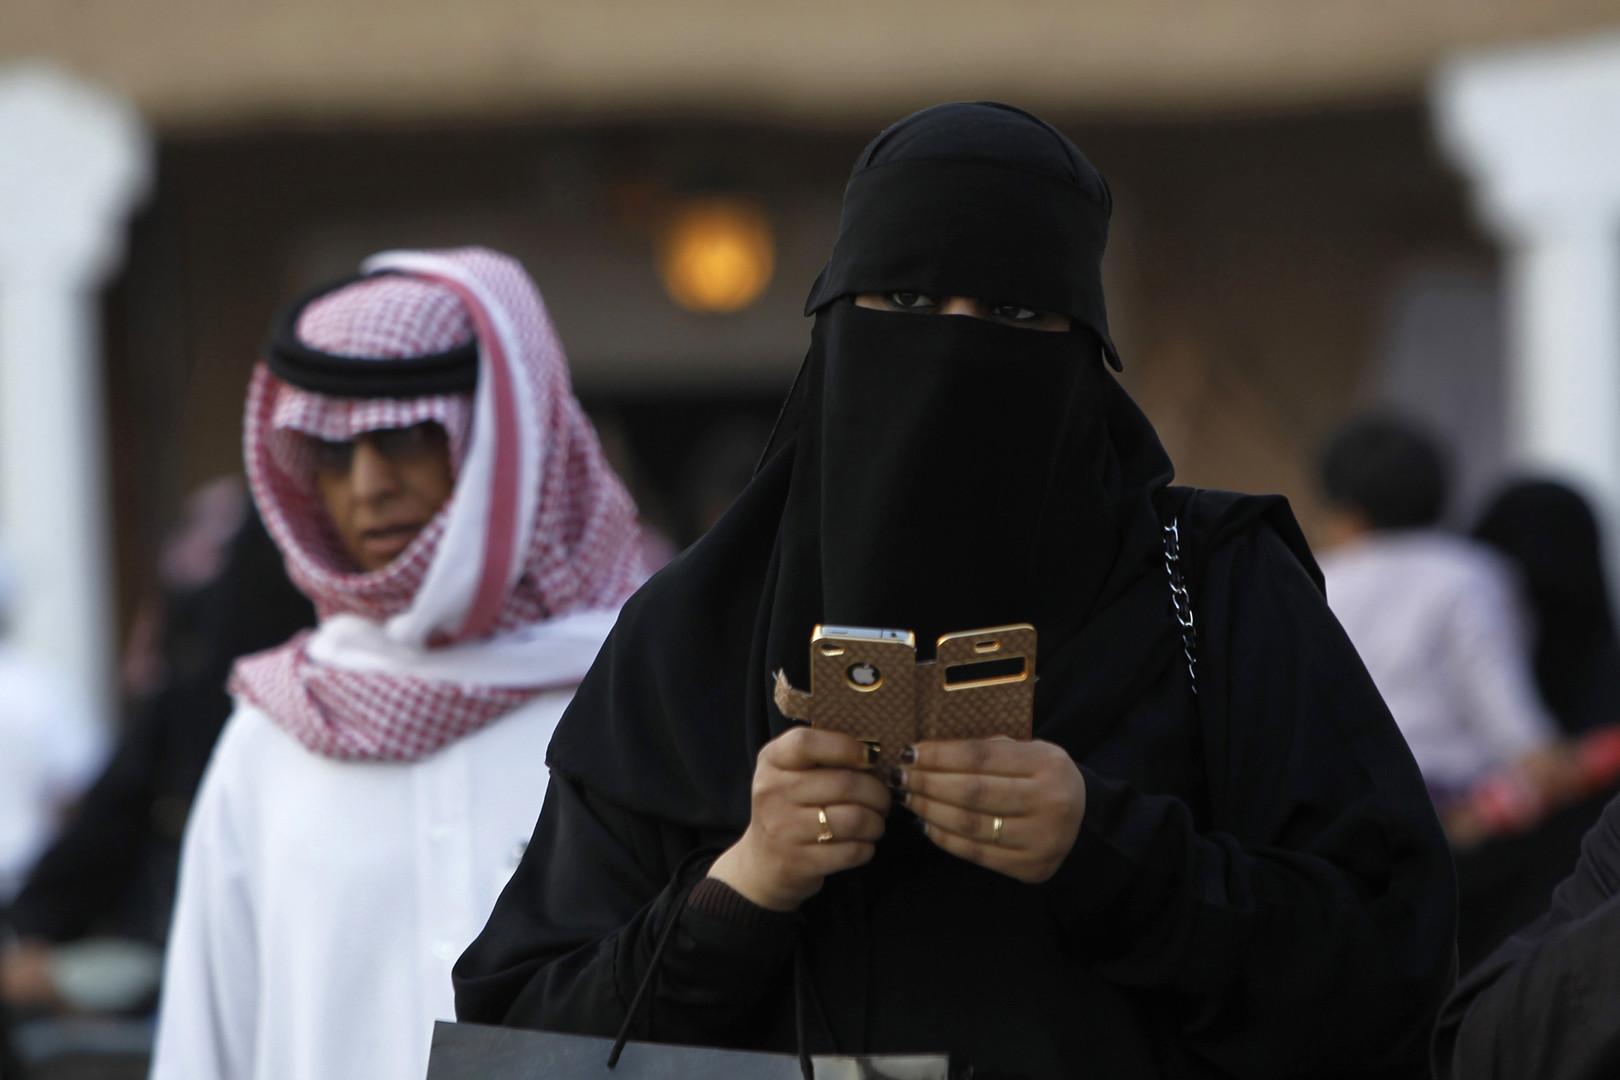 السعودية تعلن قرب إلغاء 'المحرم' للنساء القادمات للعُمرة